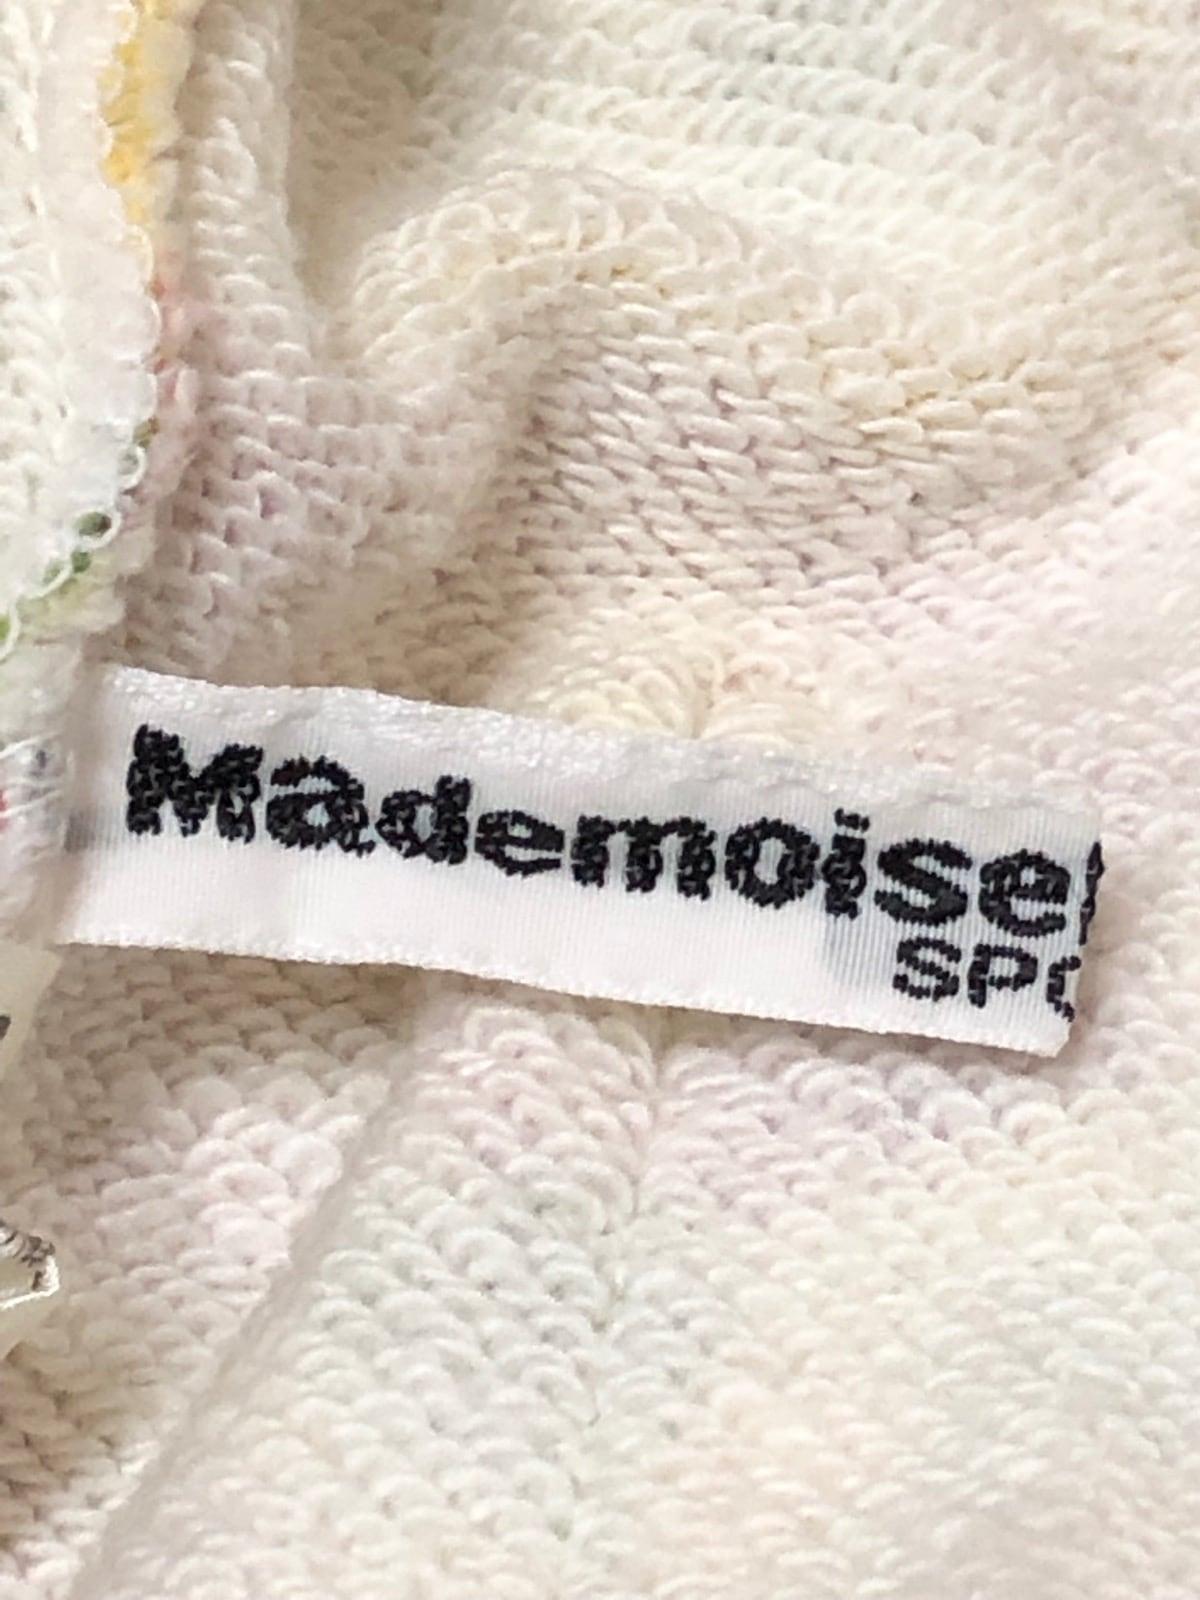 Mademoiselle NON NON(マドモアゼルノンノン)のスカートセットアップ